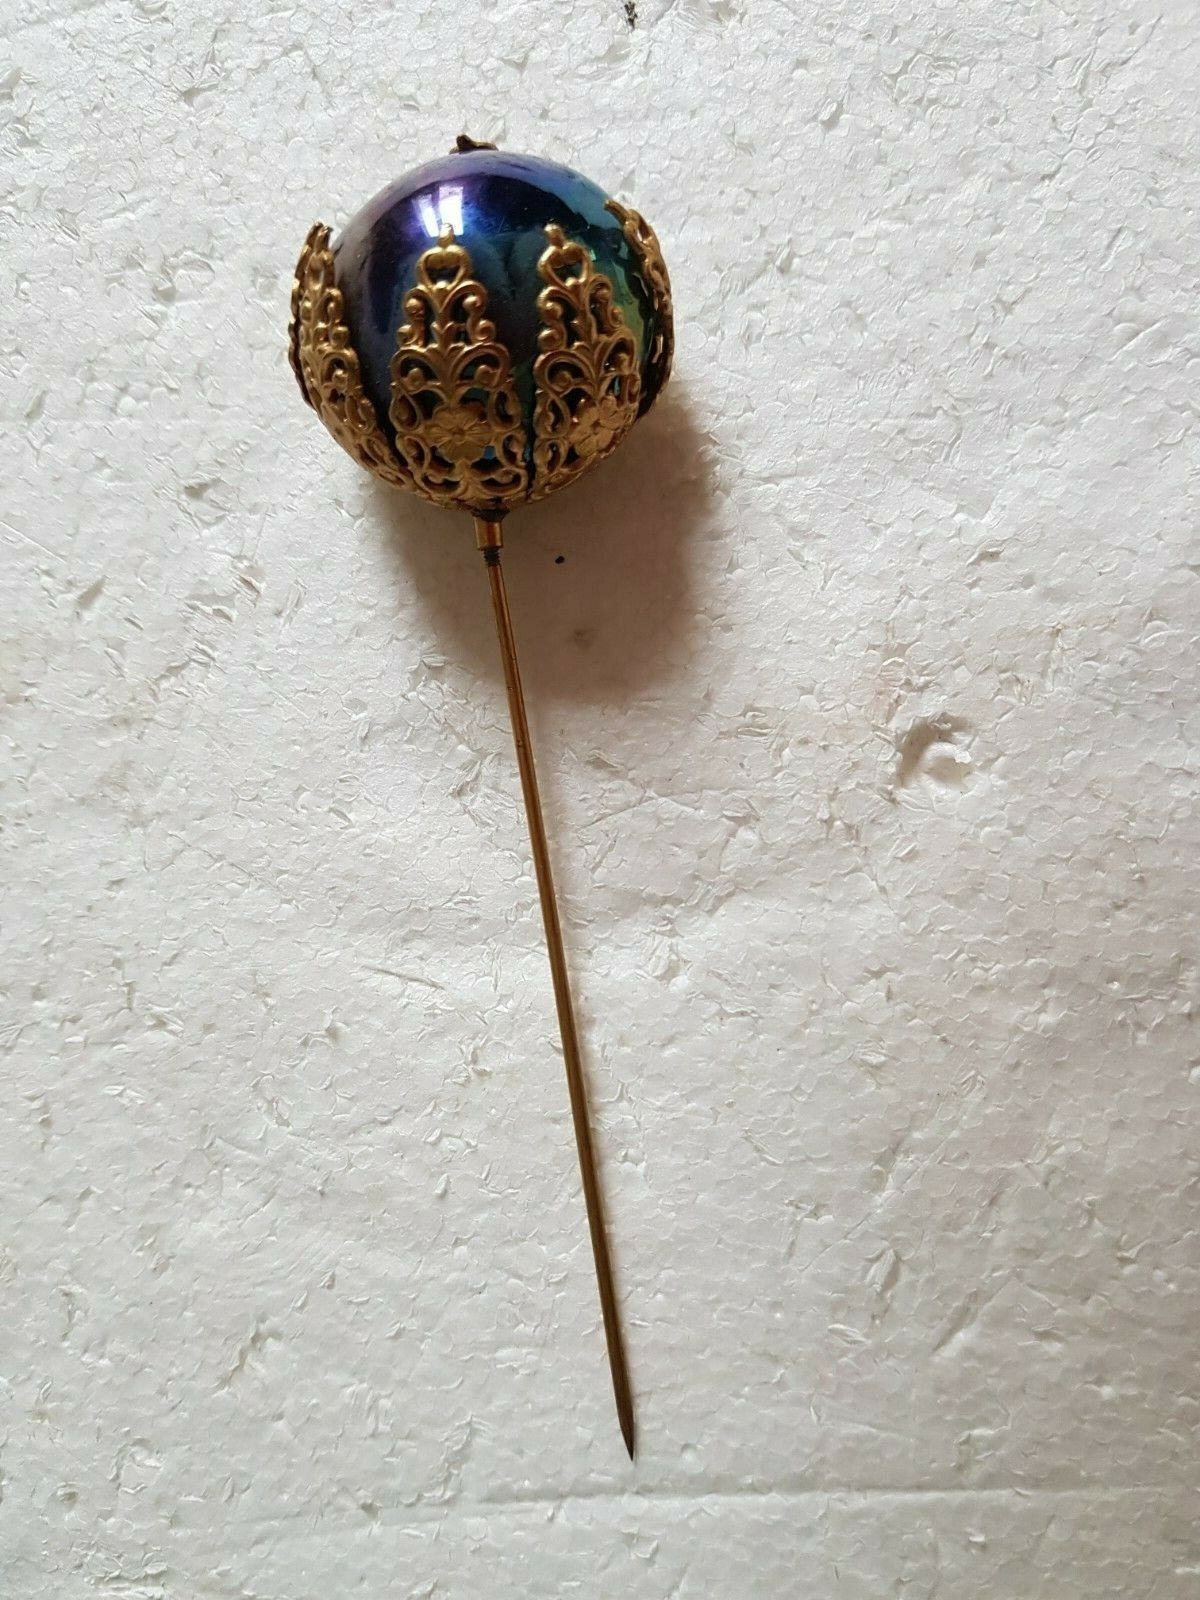 Ancienne Épingle a chapeau 12 cm grosse perle nacrée hématite et laiton fleur